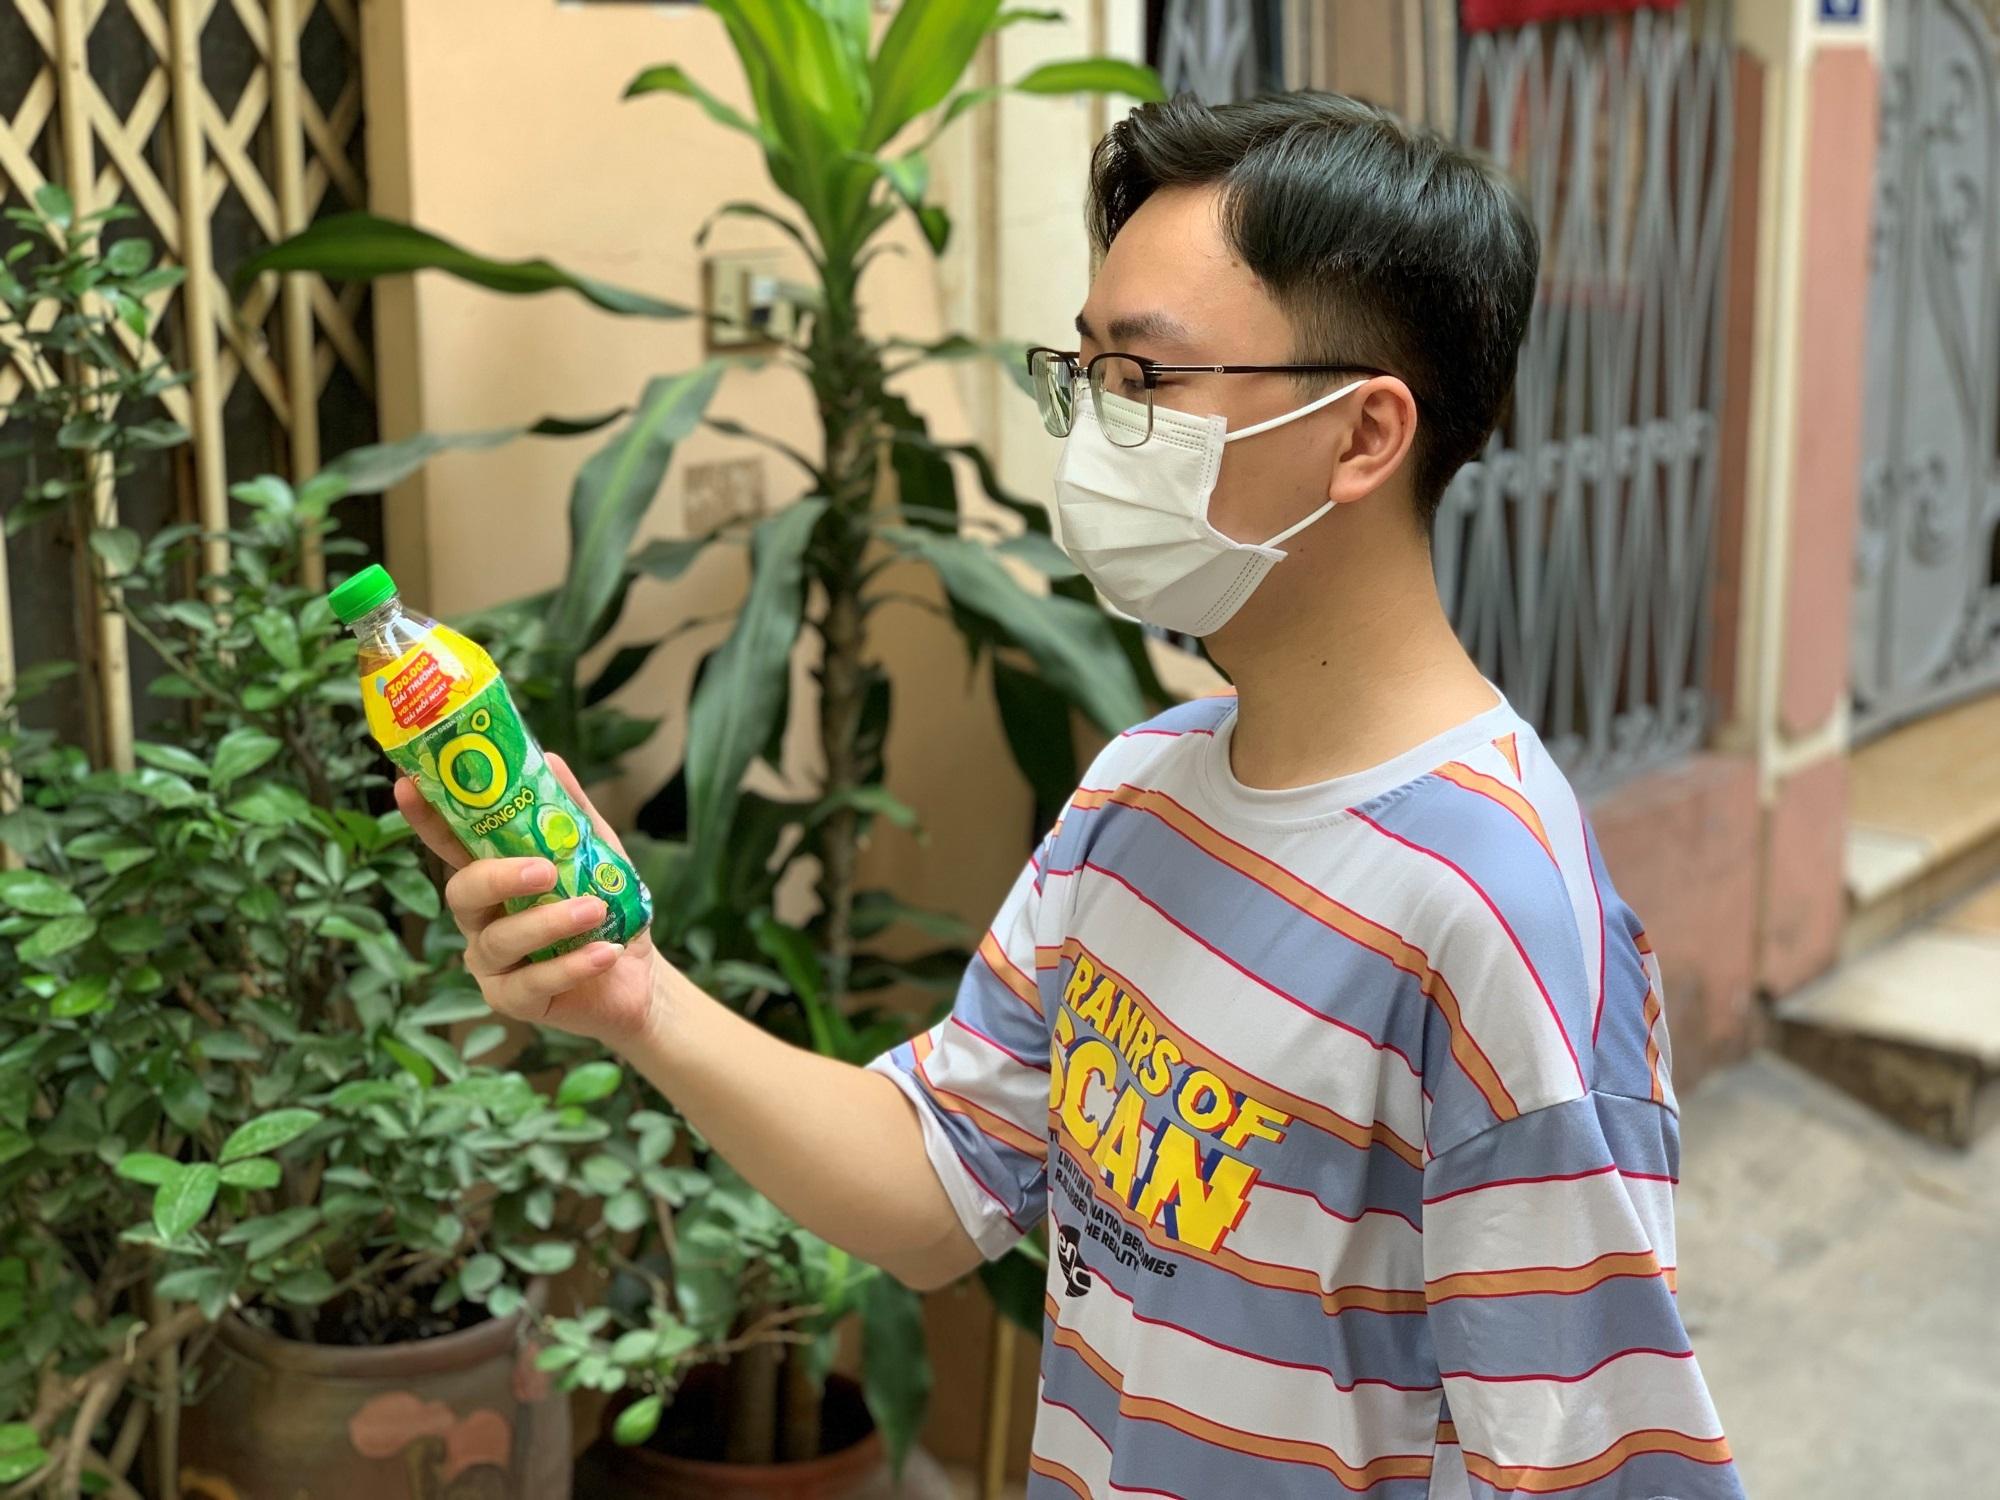 Giải nhiệt cho gia đình ngày hè, dễ dàng trúng 100 triệu với Trà Dr Thanh, Trà Xanh Không Độ - Ảnh 3